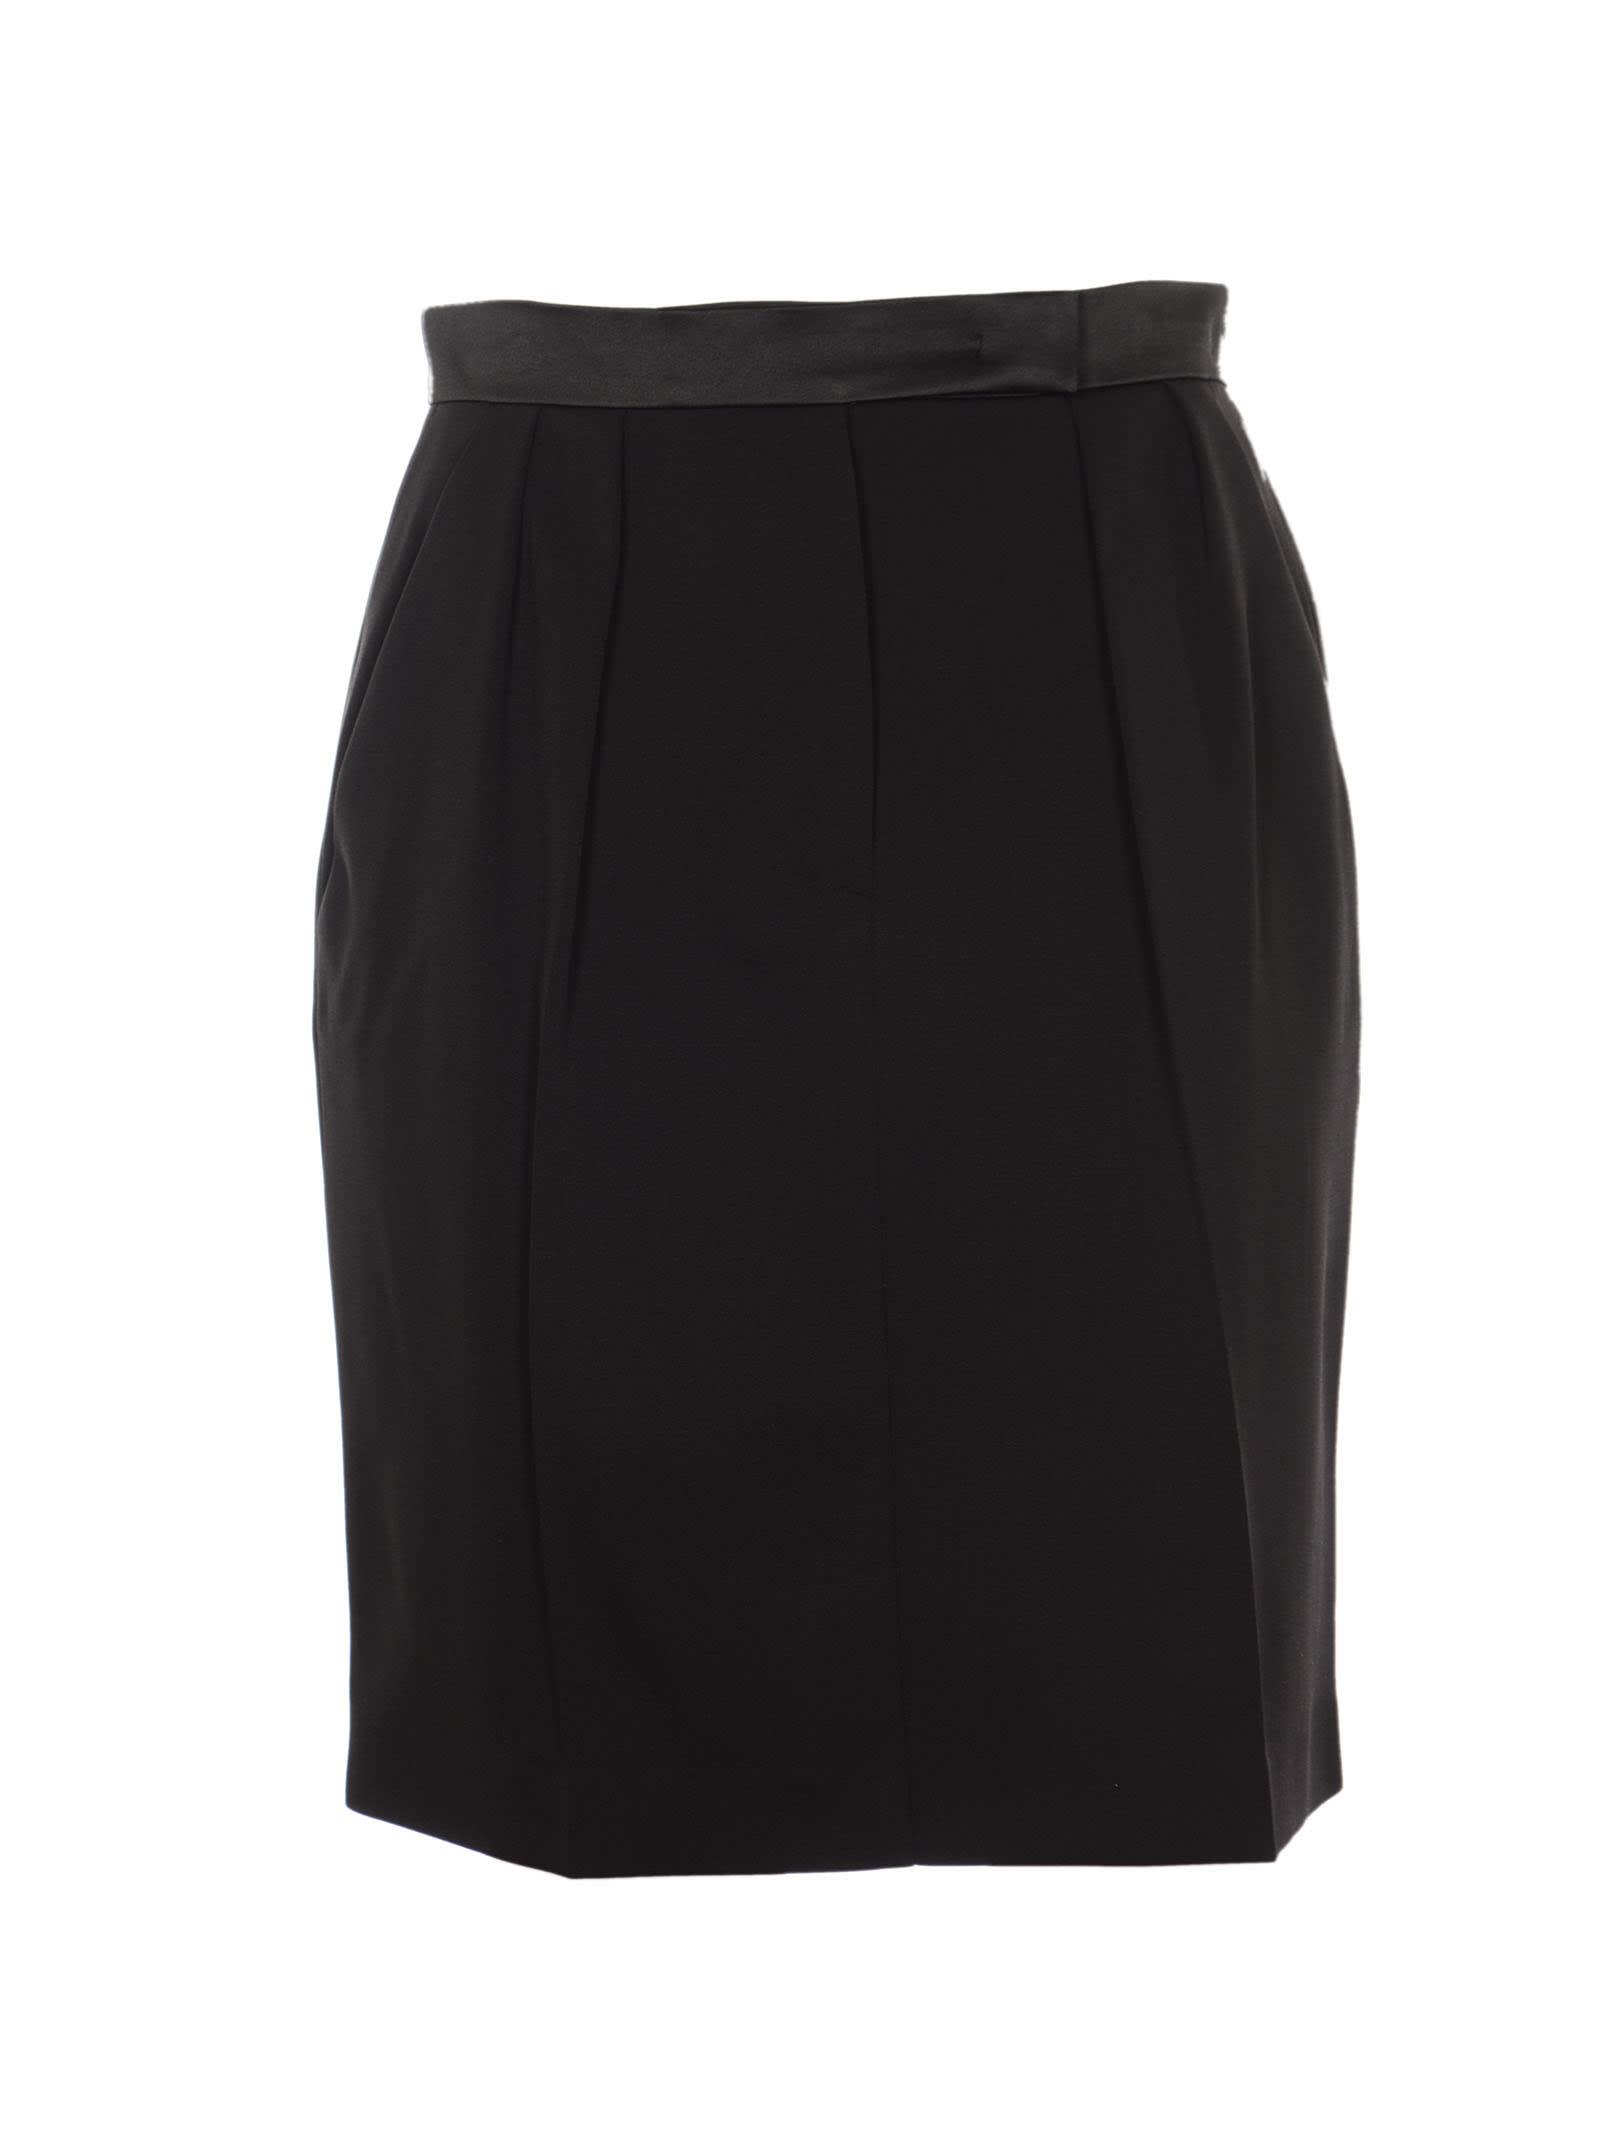 Nuraghe Skirt